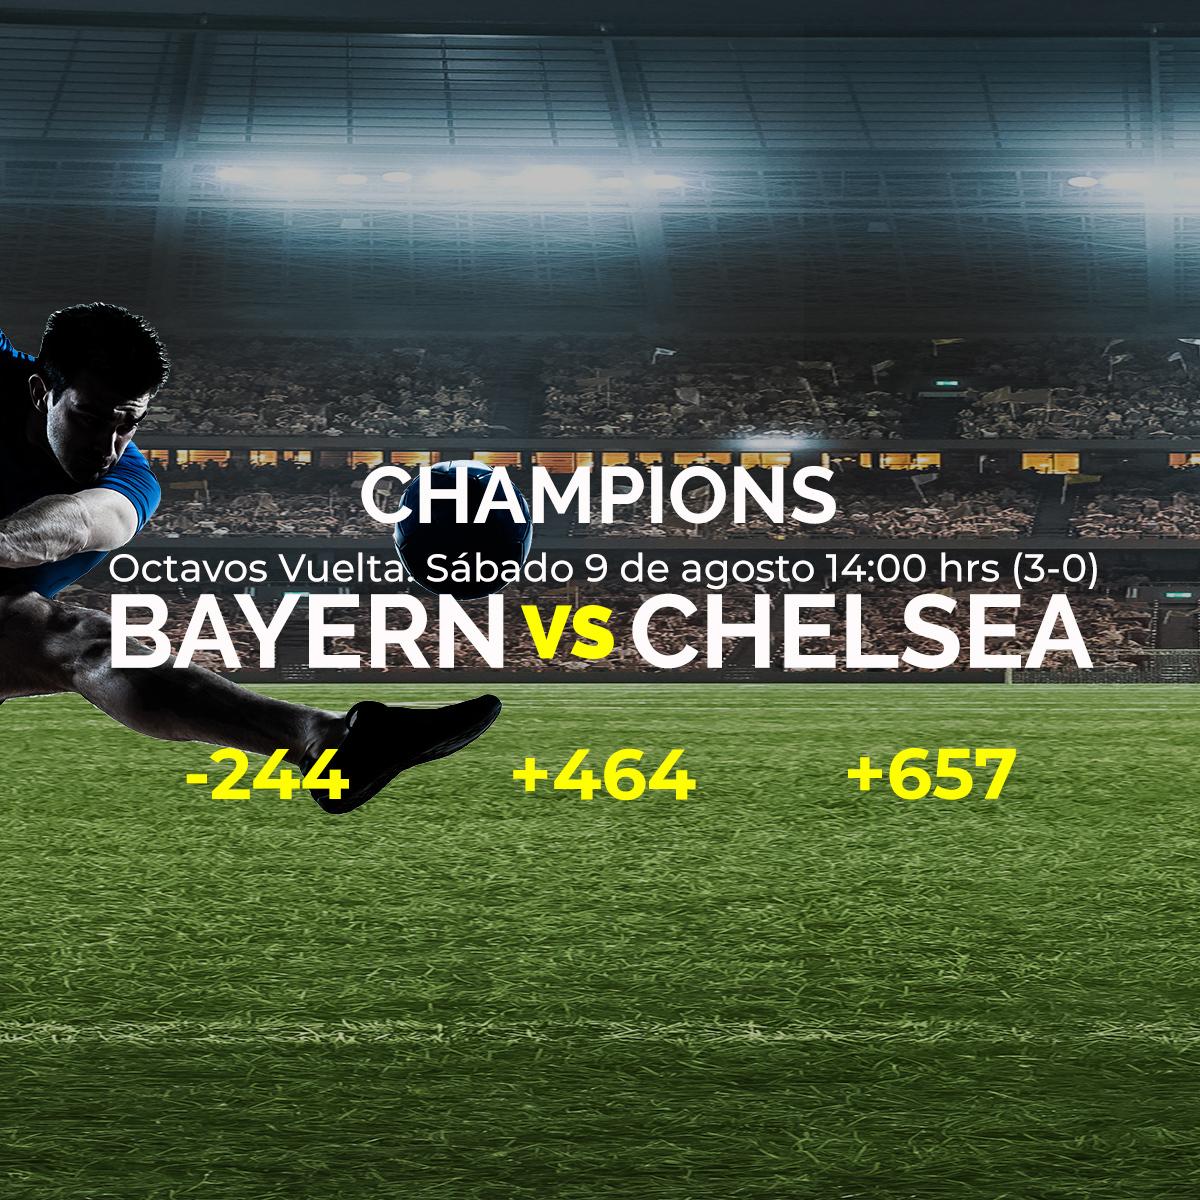 ¿Trámite para el #Bayern? https://bit.ly/2XDFavbpic.twitter.com/Hb2Q9GXWYg